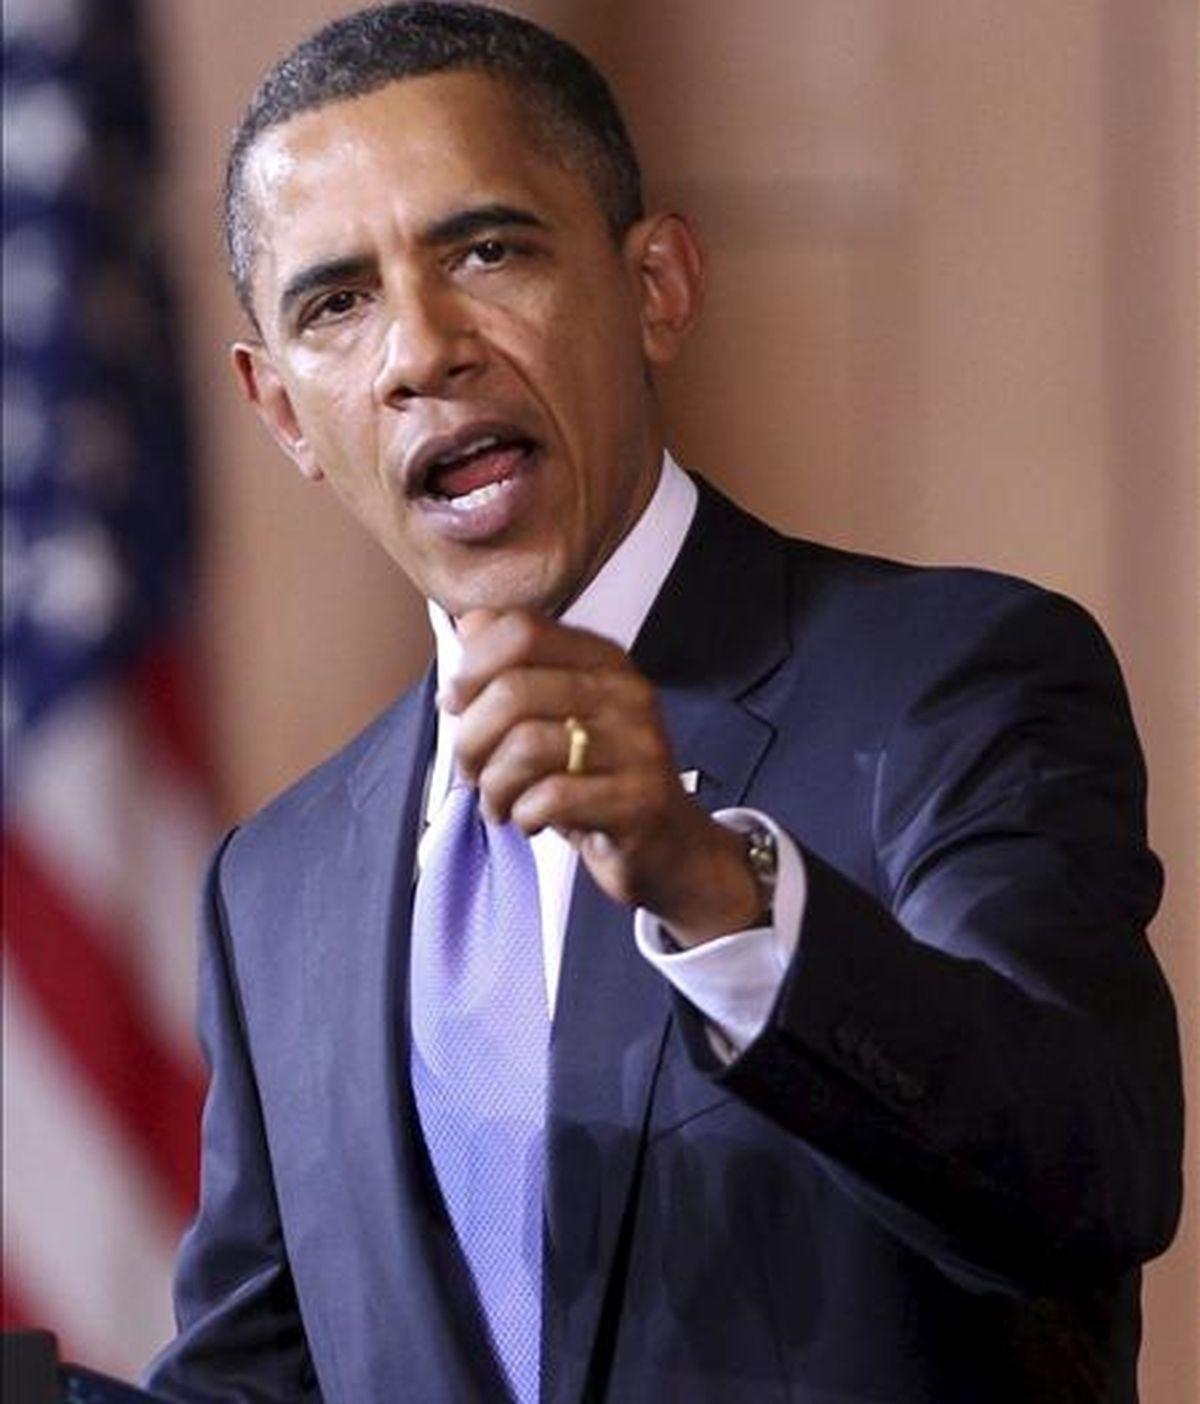 El presidente de Estados Unidos, Barack Obama,  reconoció ayer, en una declaración política, que hay momentos en que hay que hacer concesiones dolorosas por el bien de los estadounidenses. EFE/Archivo